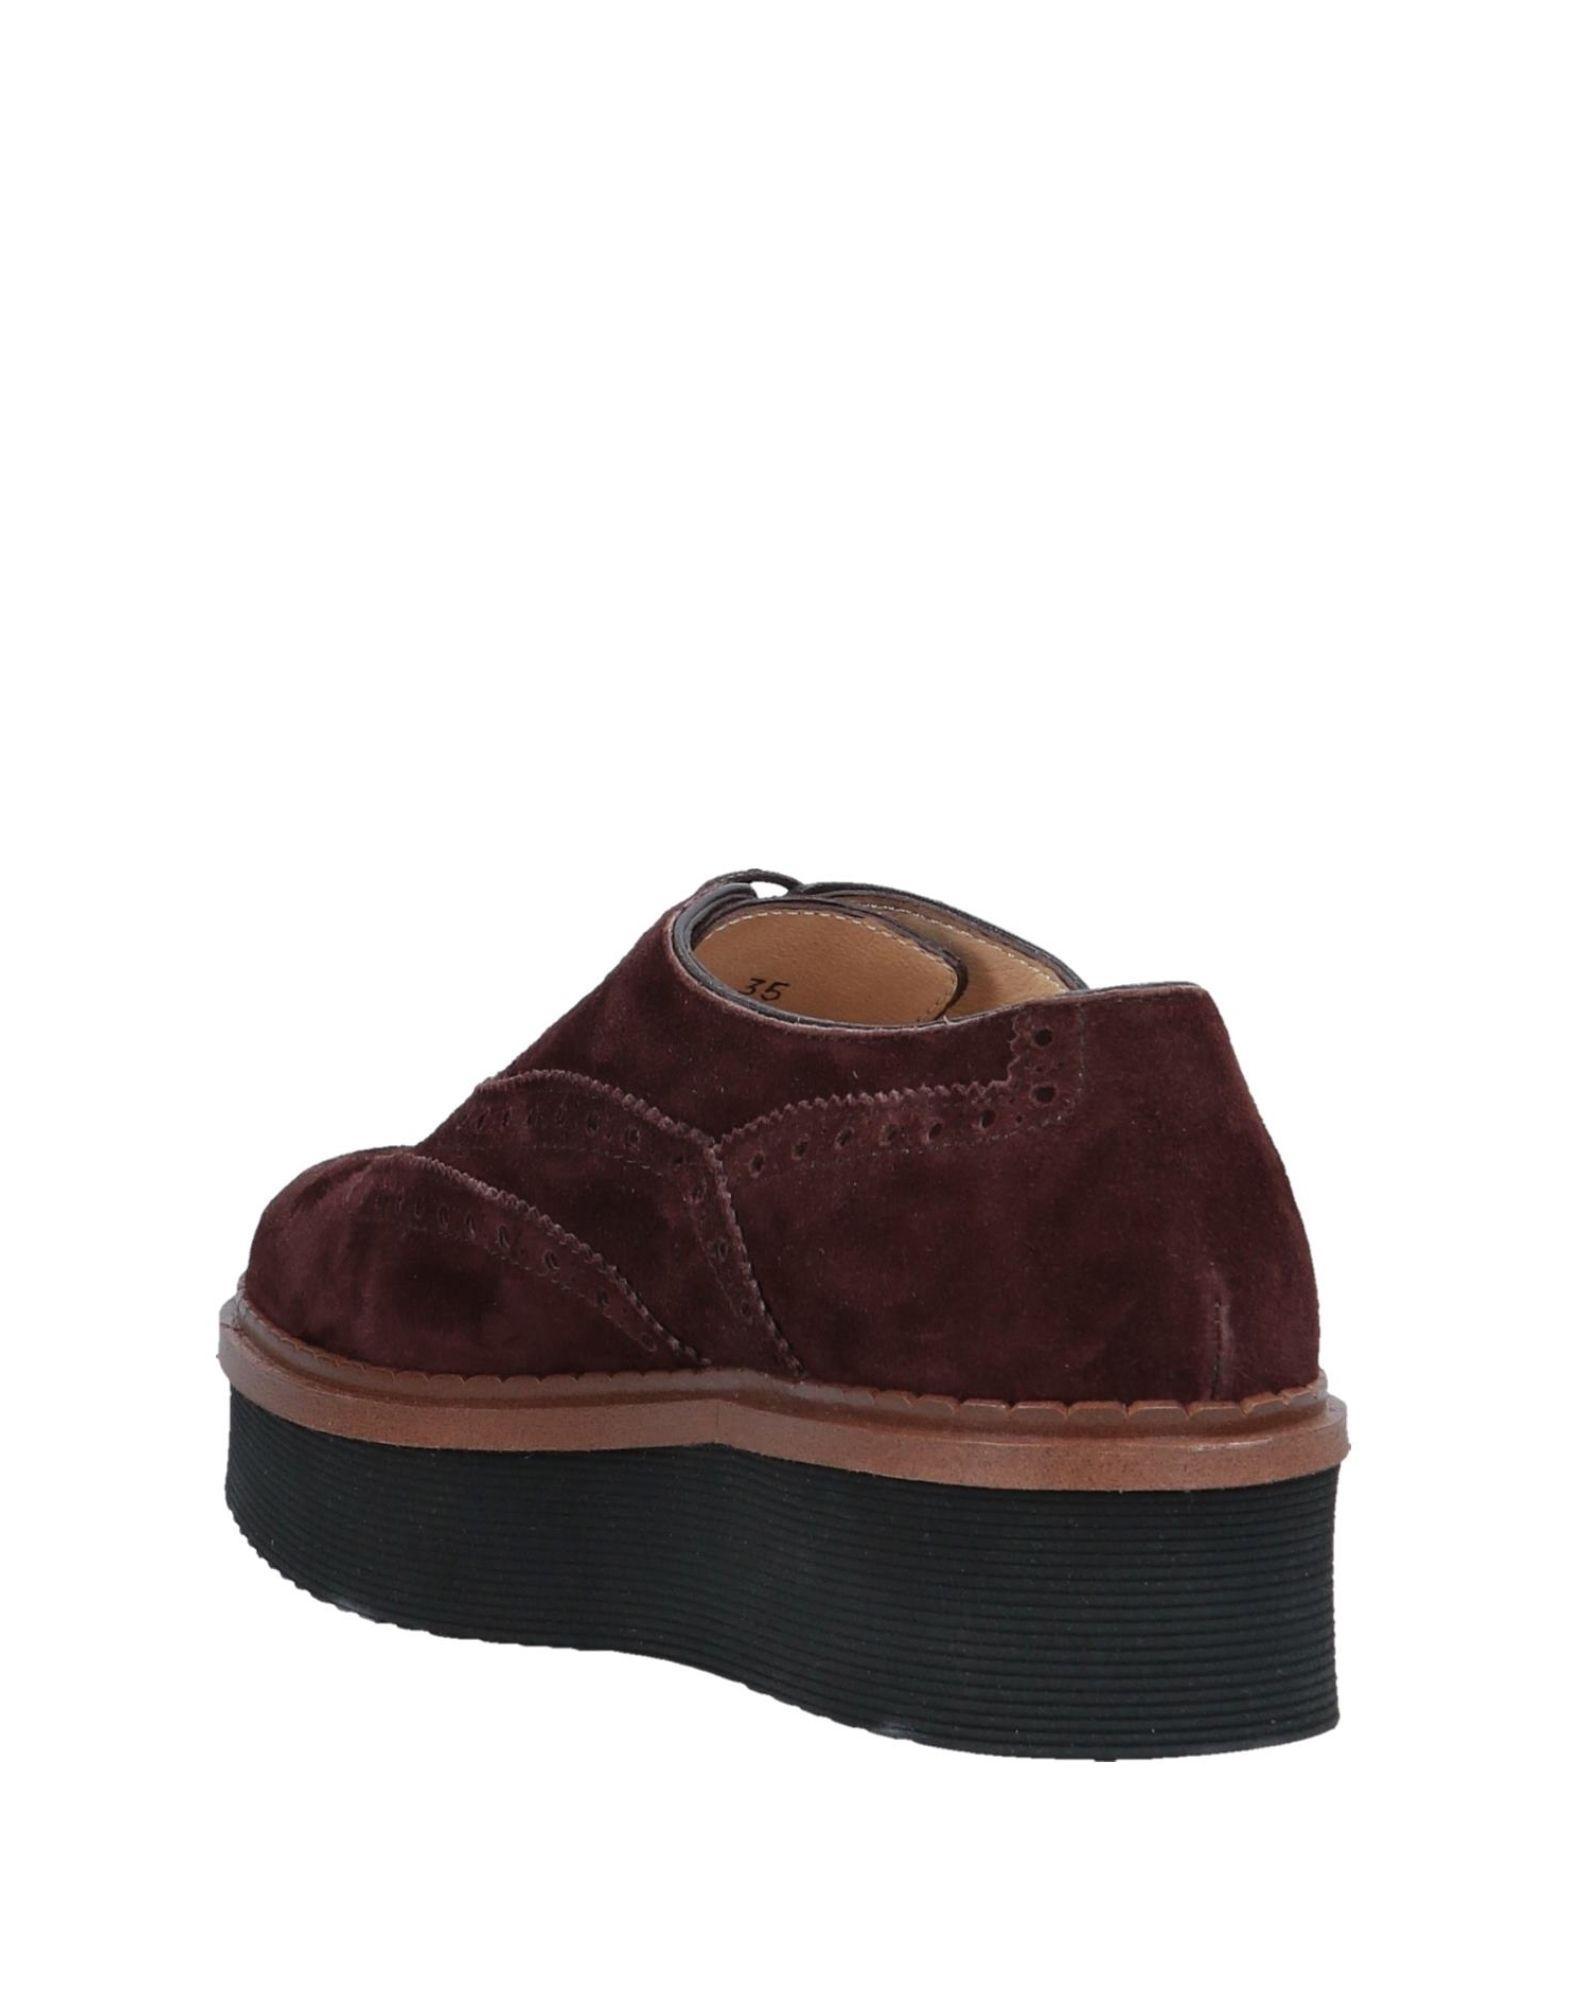 Chaussures à lacets Daim Triver Flight en coloris Marron